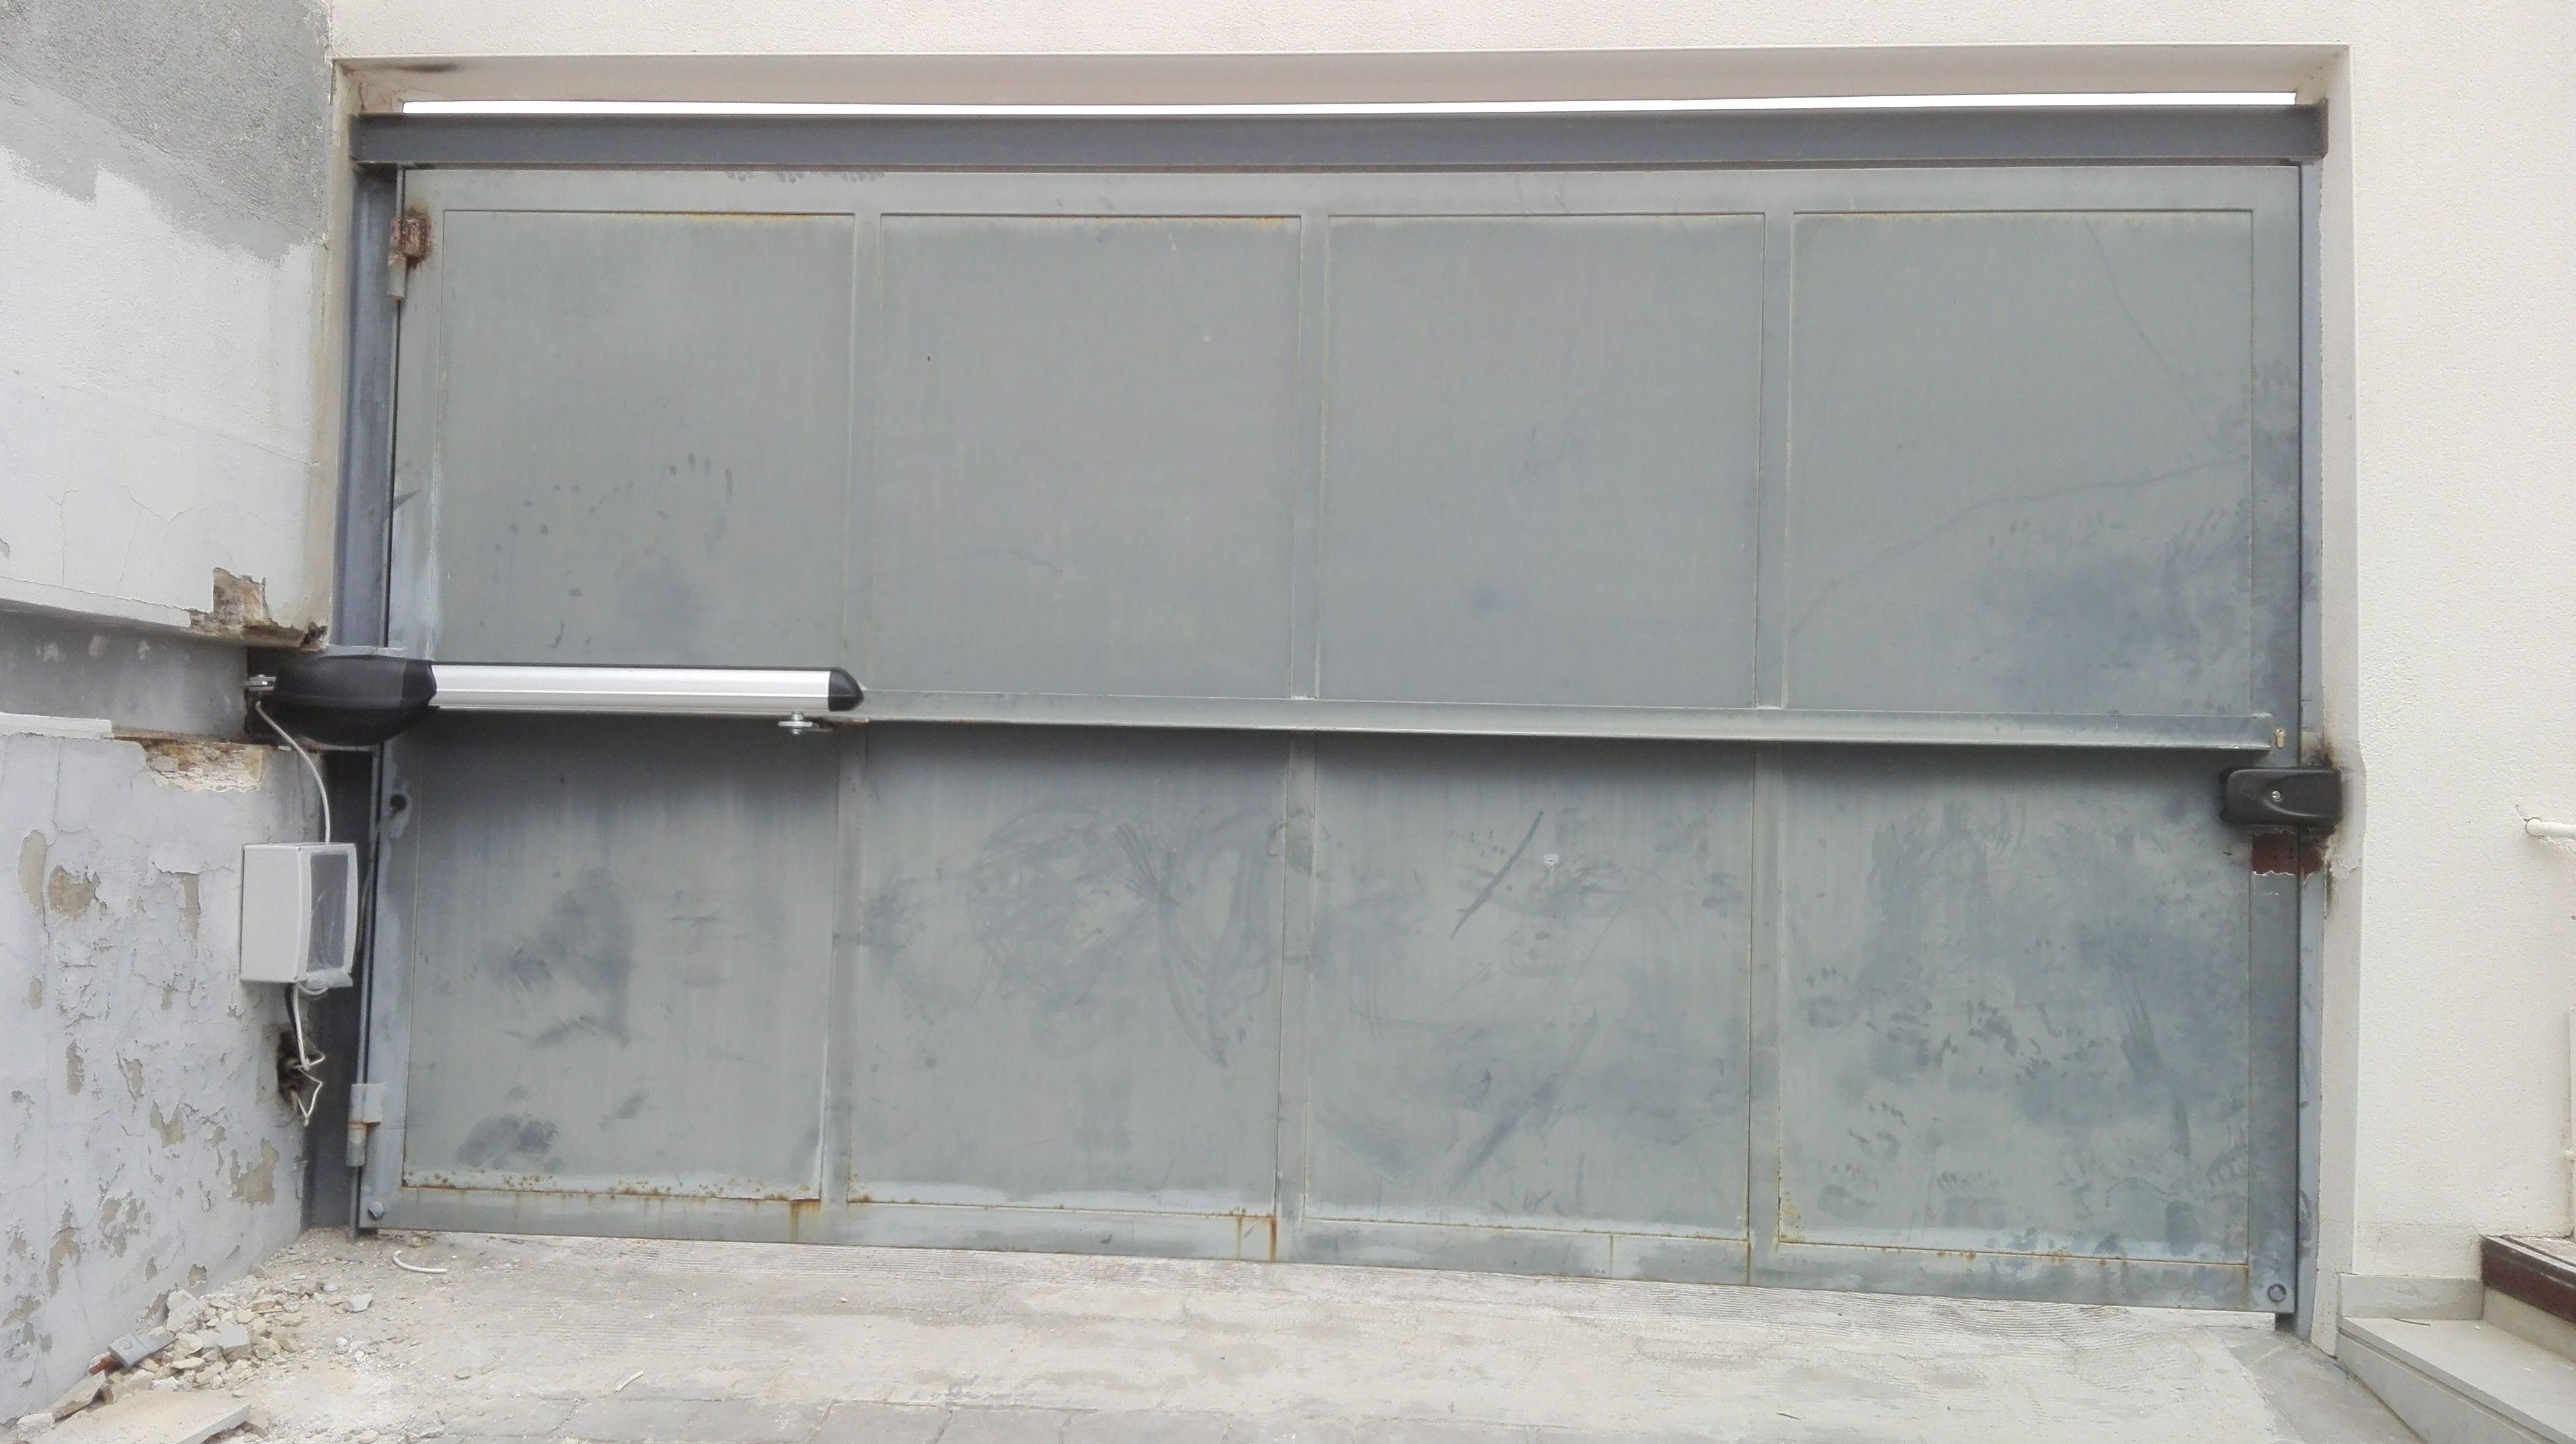 Automatizaci n de puerta batiente residencial motor Puertas automaticas df